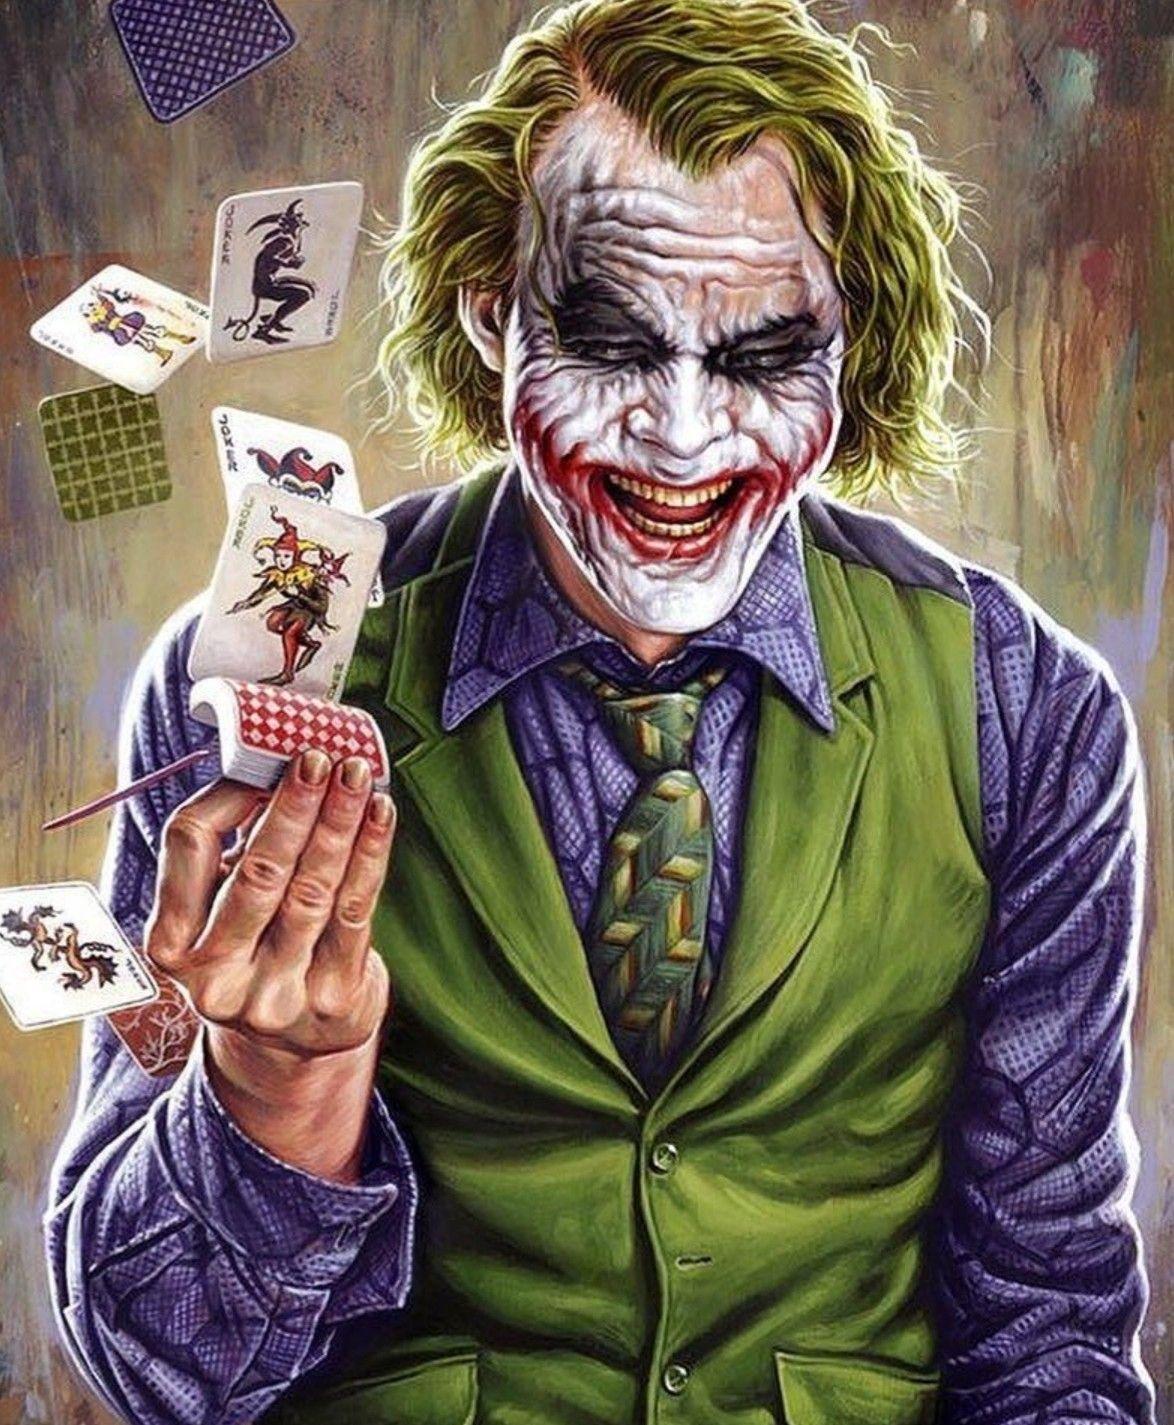 Pin By Mara H On Joker Joker Images Joker Art Joker Wallpapers